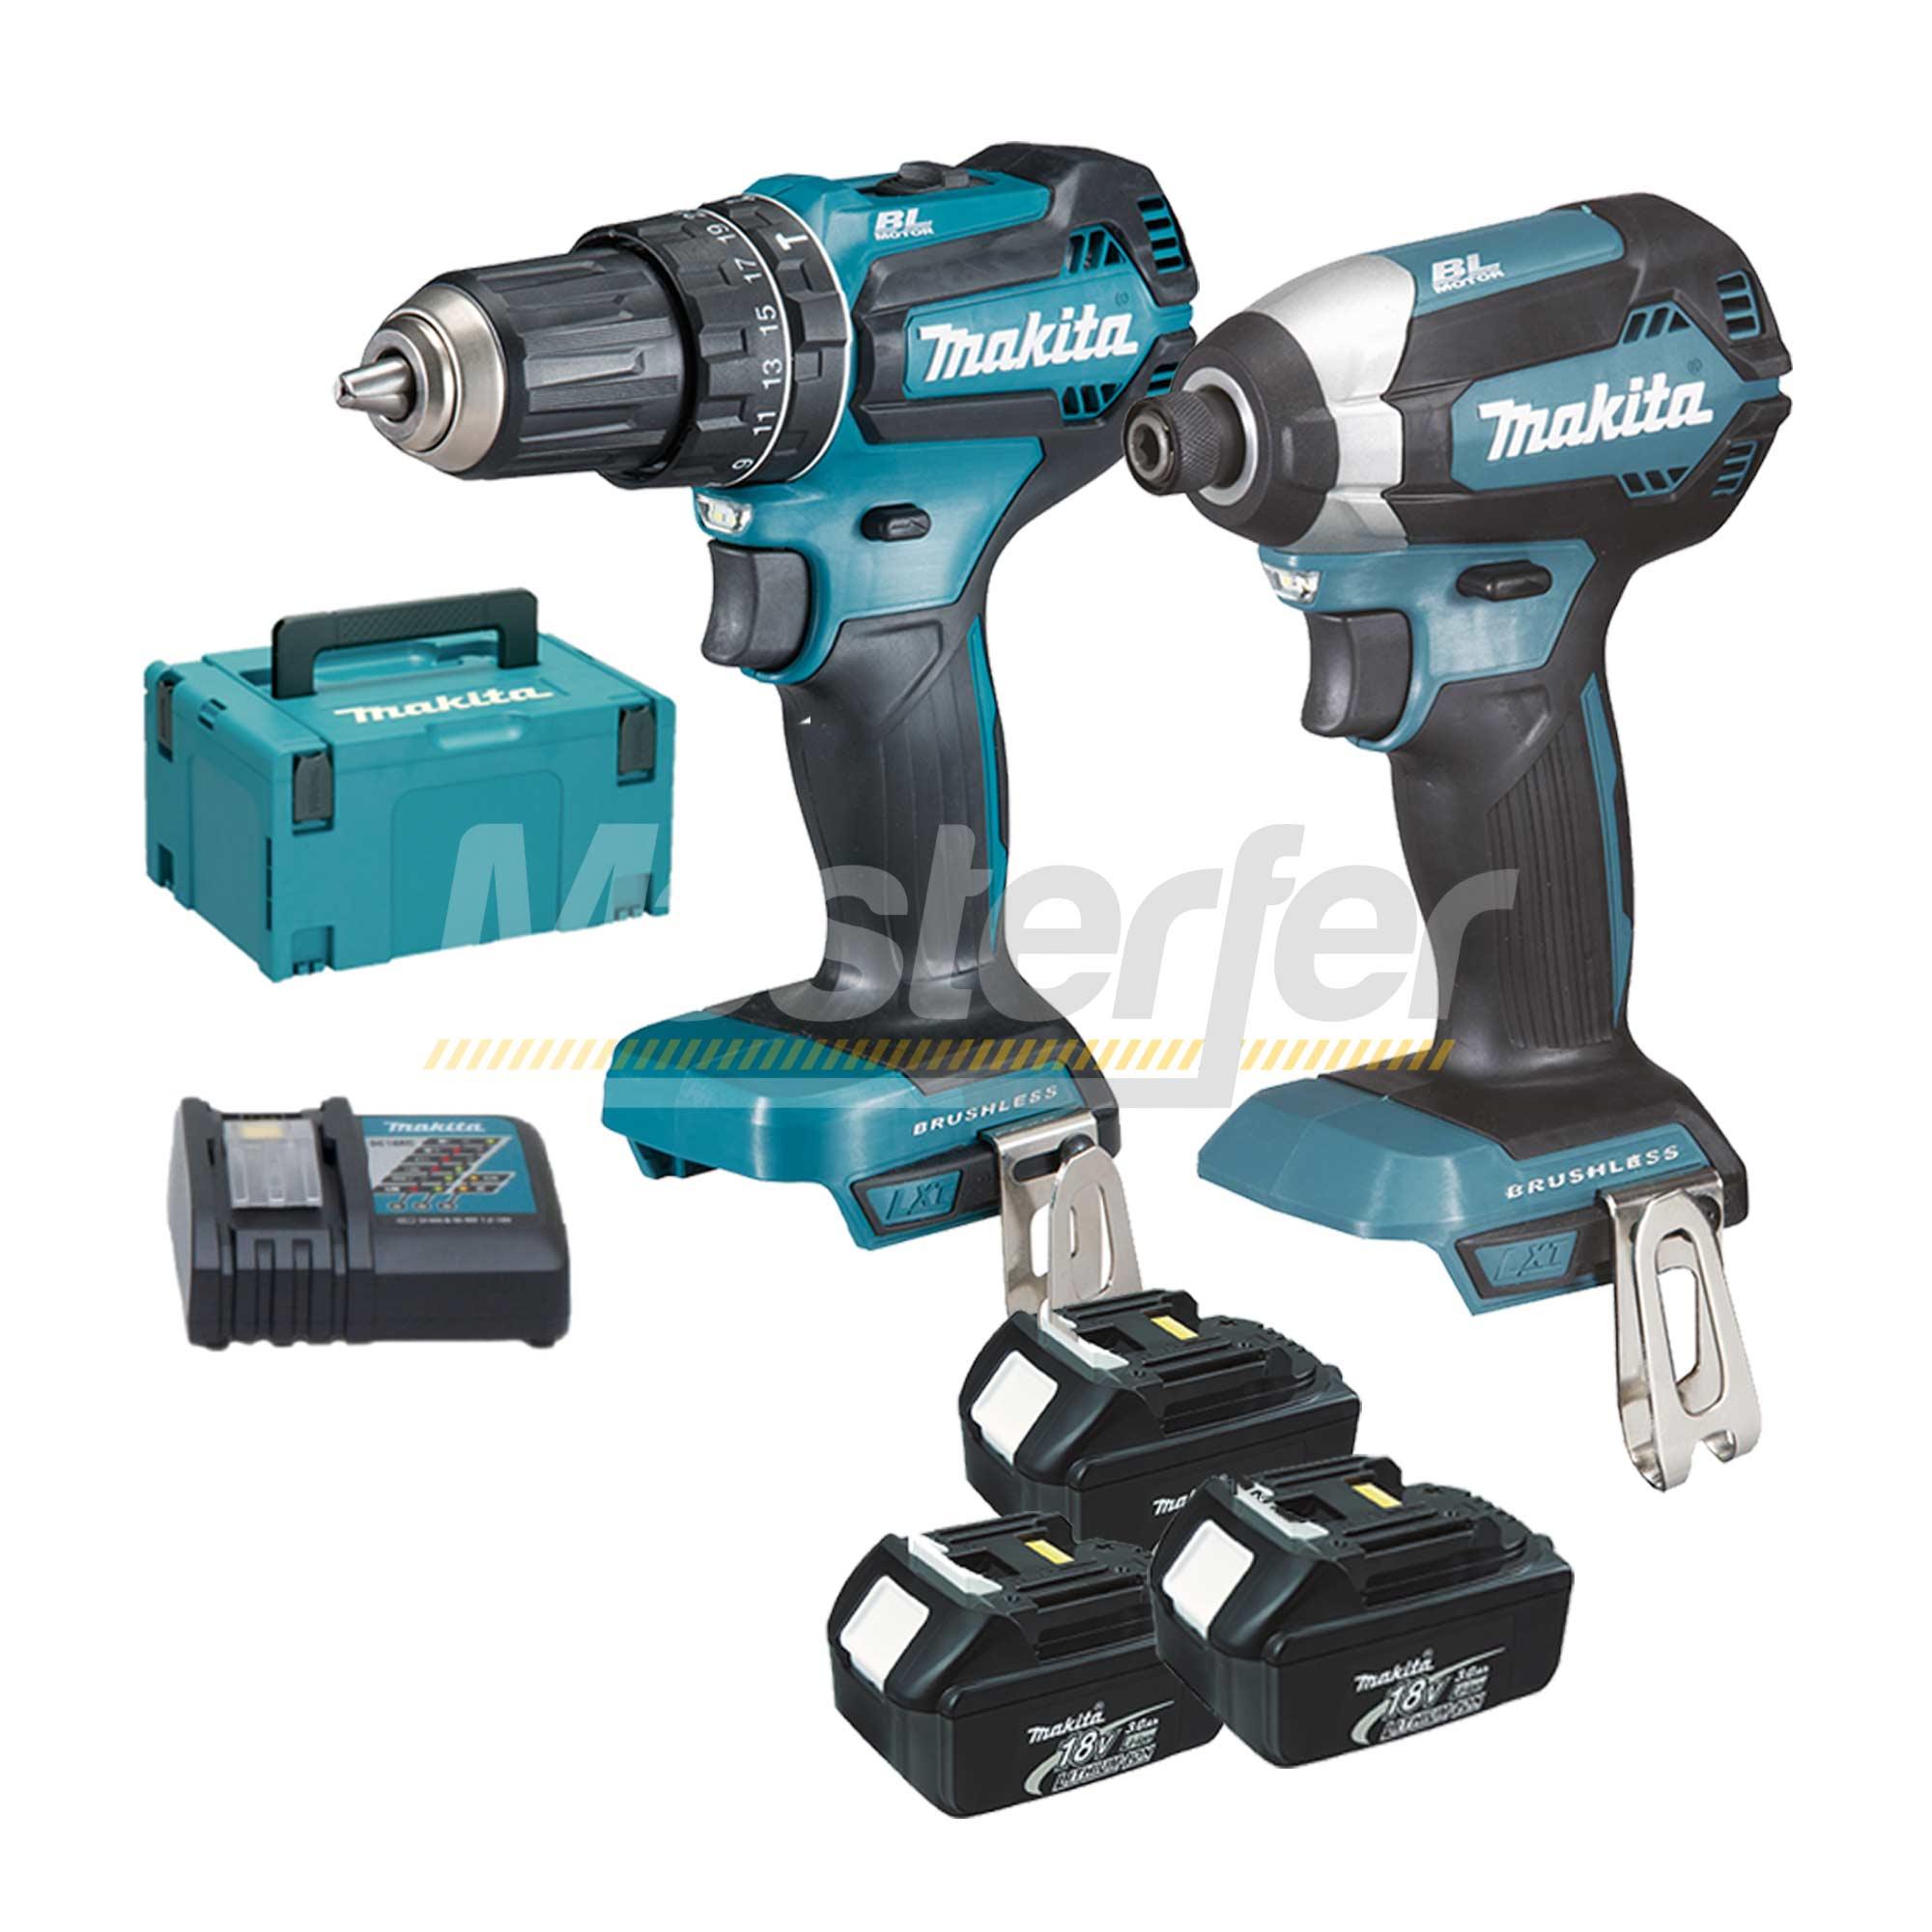 kit makita utensili a batteria 18v dlx2283jx1